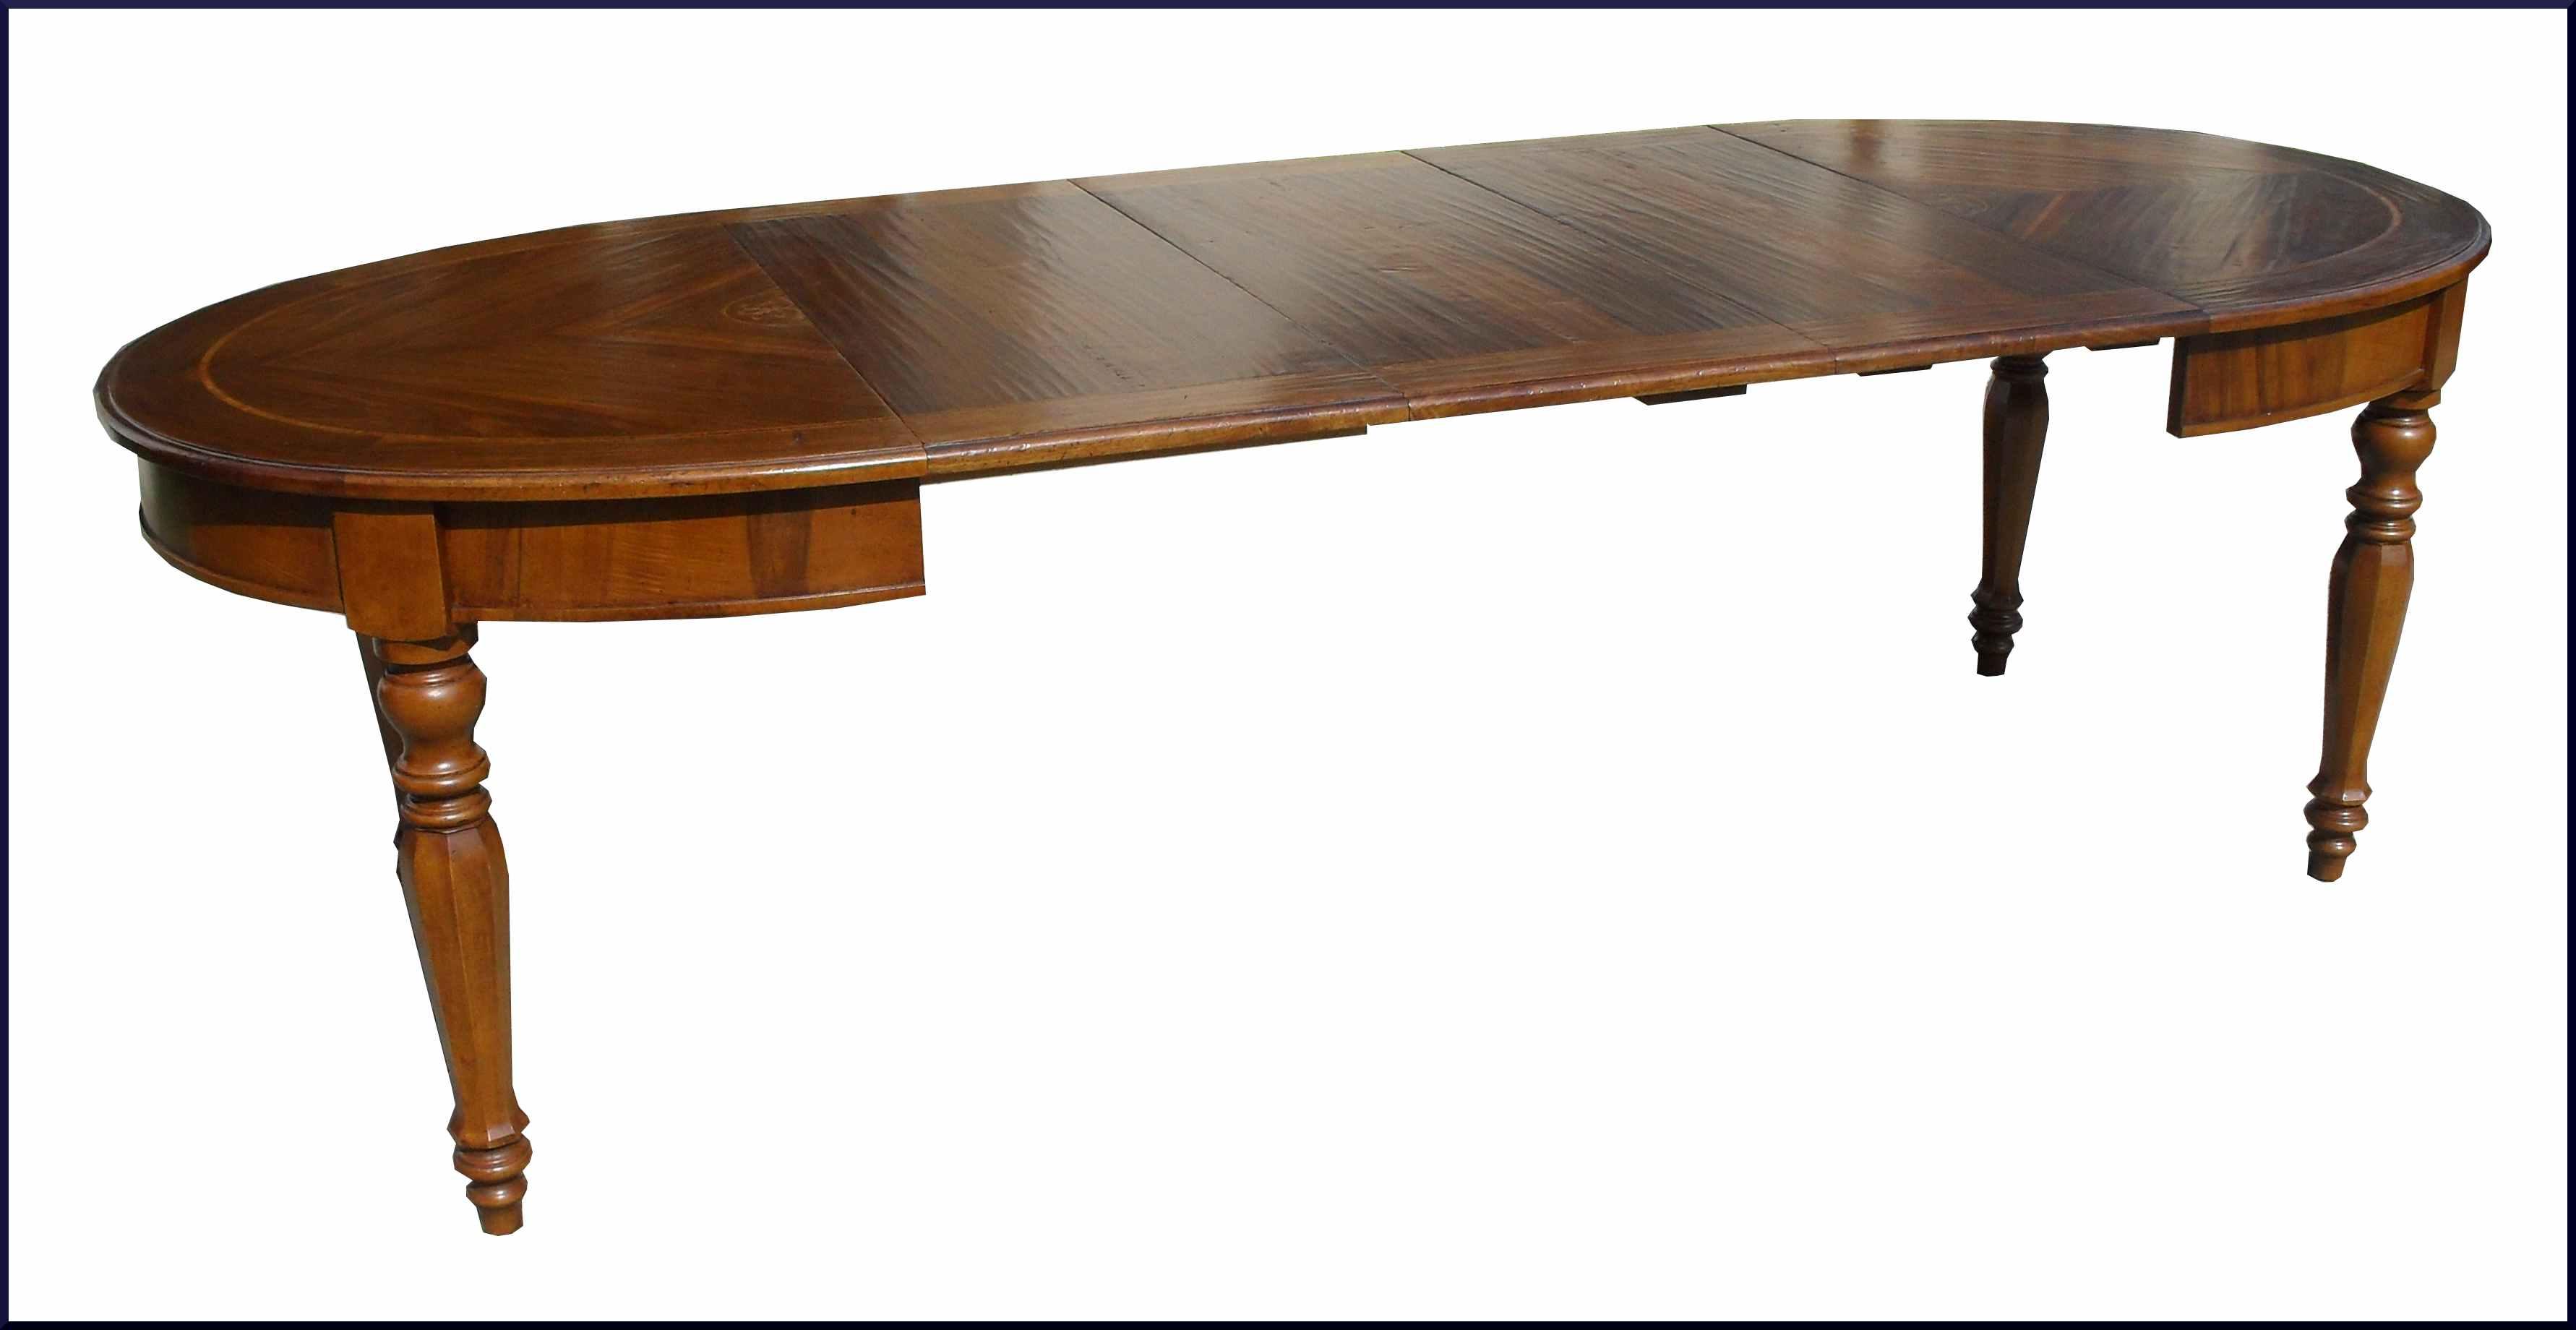 Tavolo ovale classico intarsiato